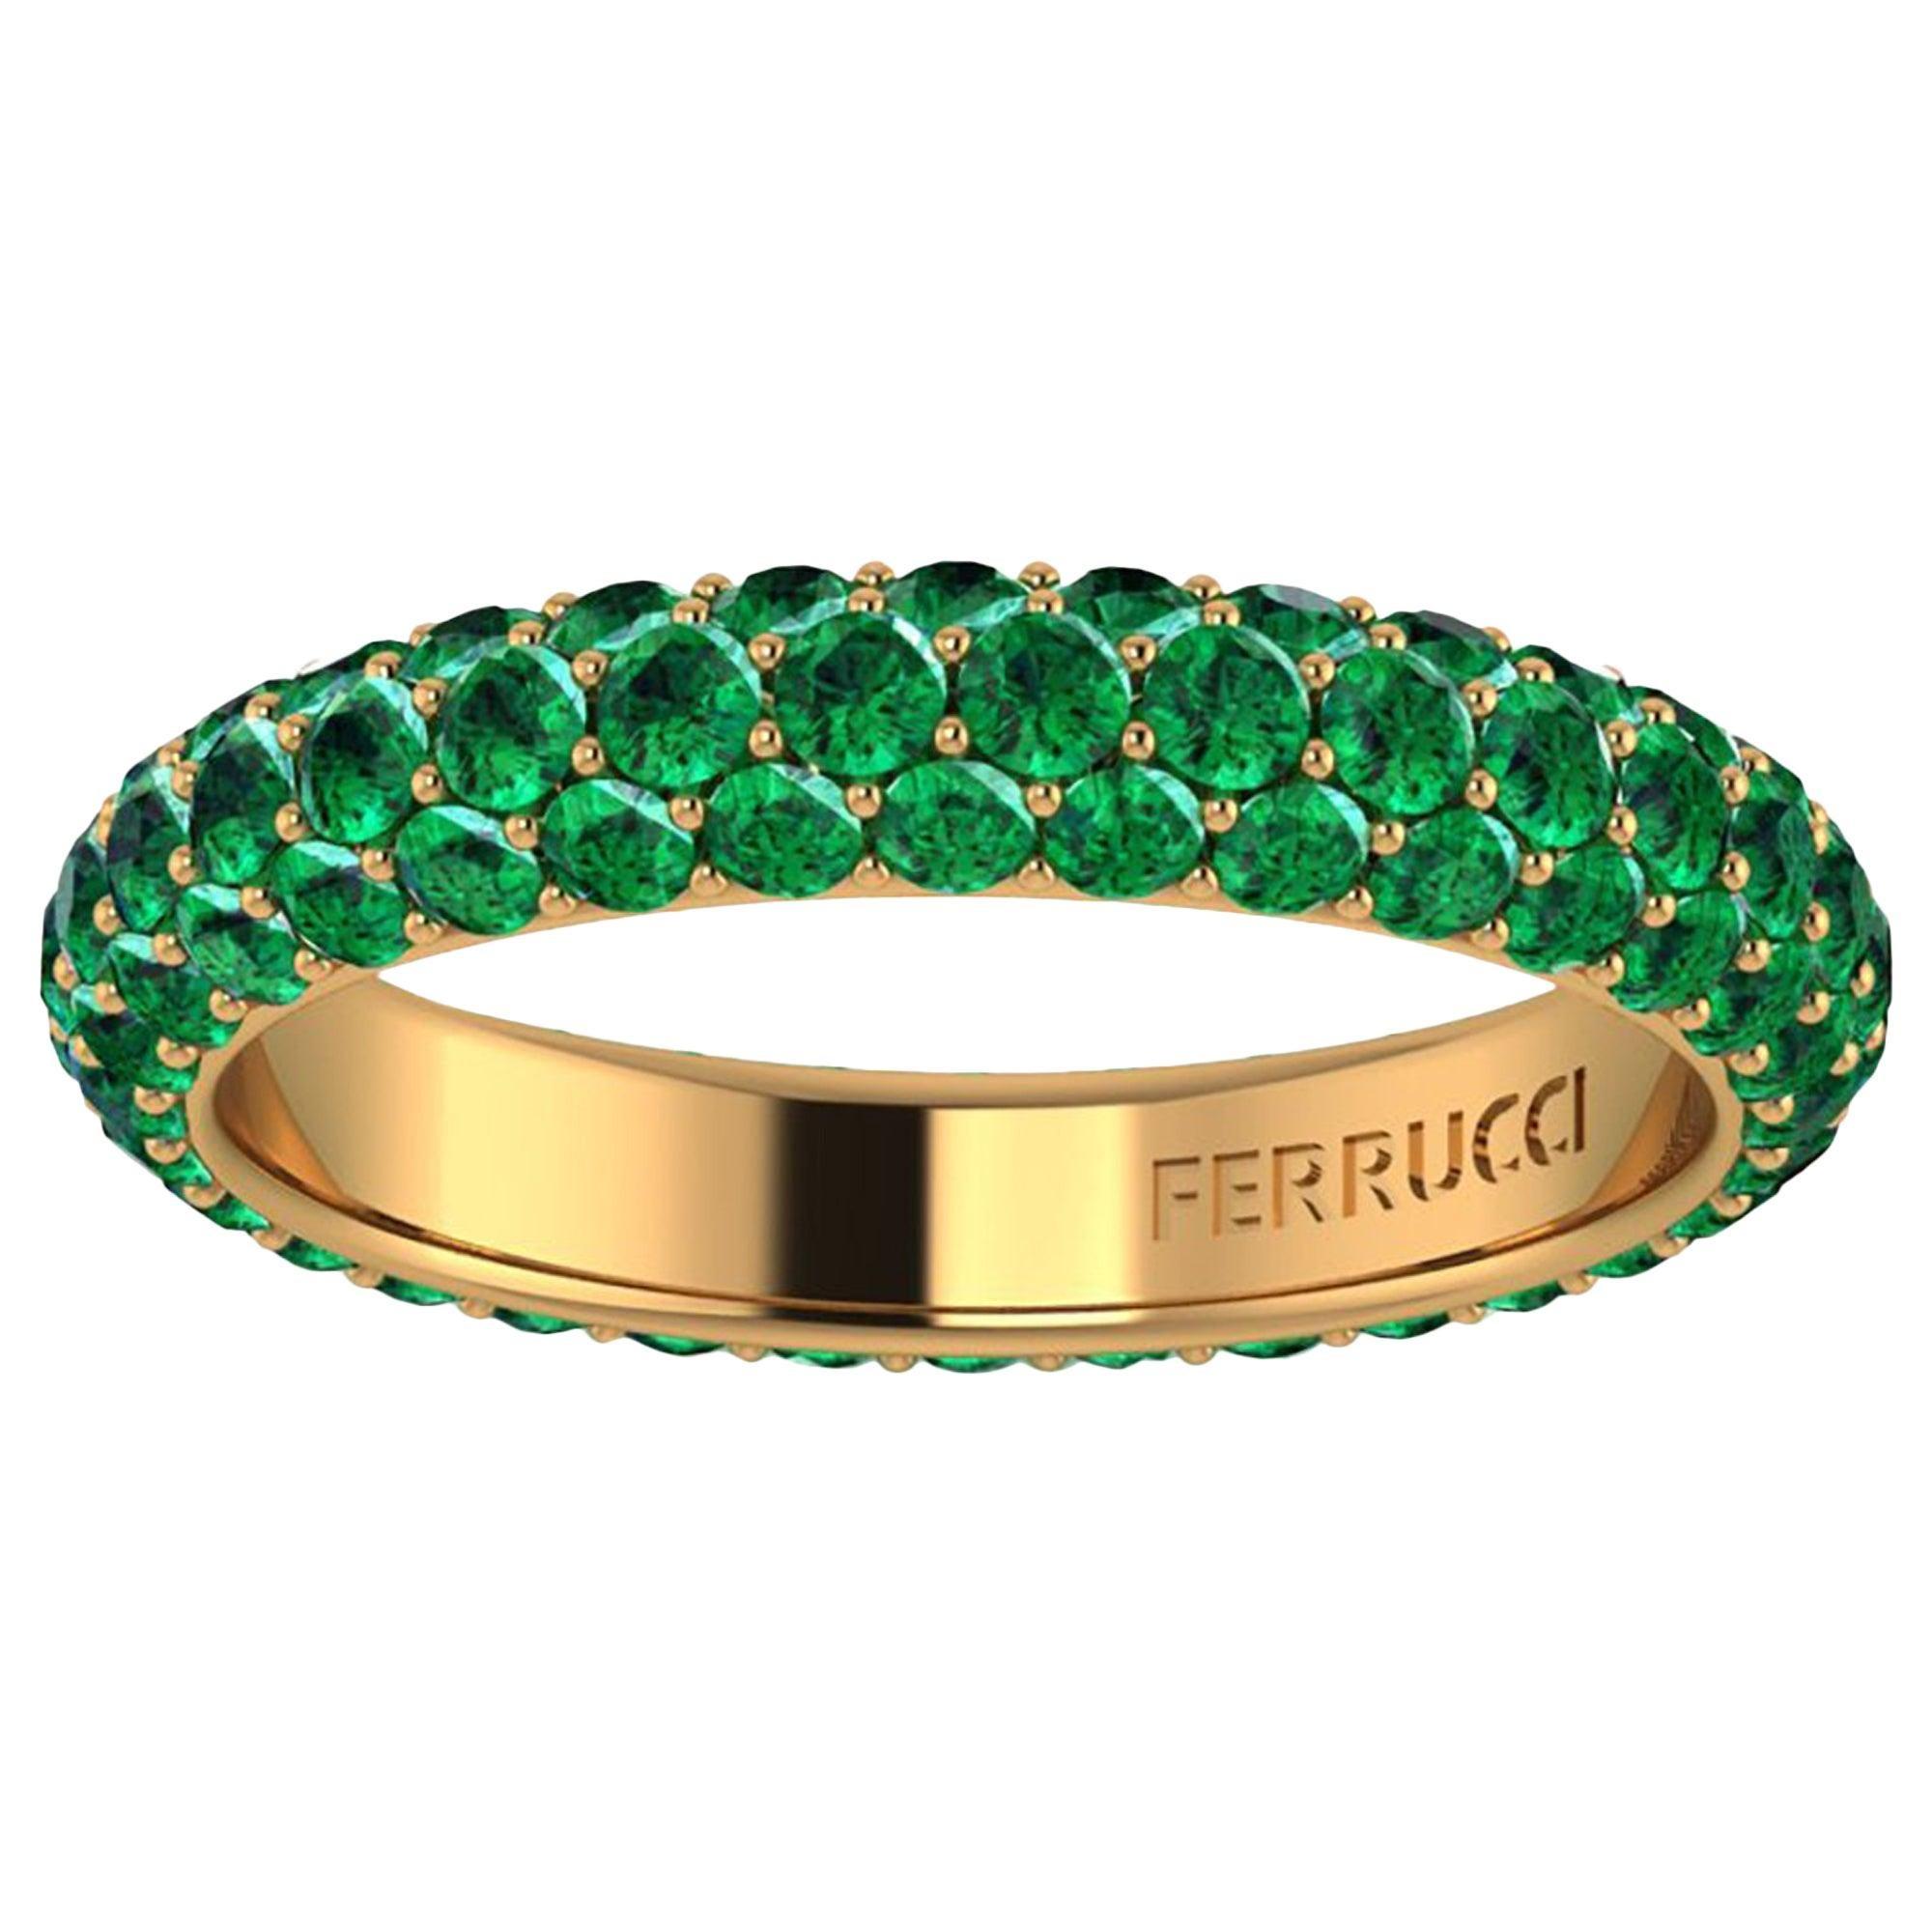 FERRUCCI Band Rings